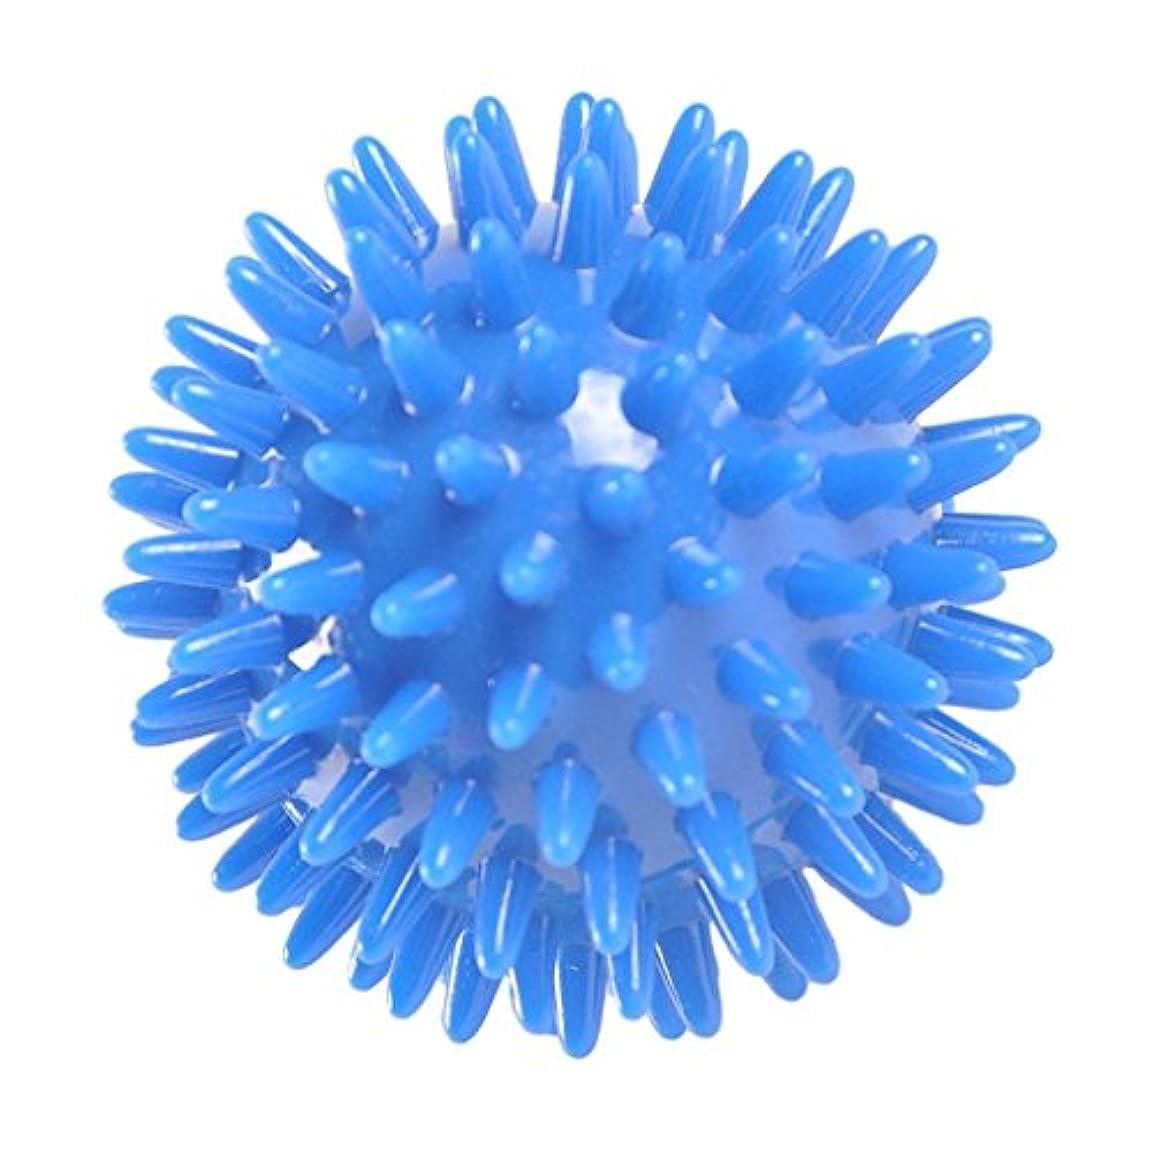 コメント種天井マッサージボール シリコーン マッサージ ボール 手の運動 ストレス解消 2サイズ選べる - 7cm